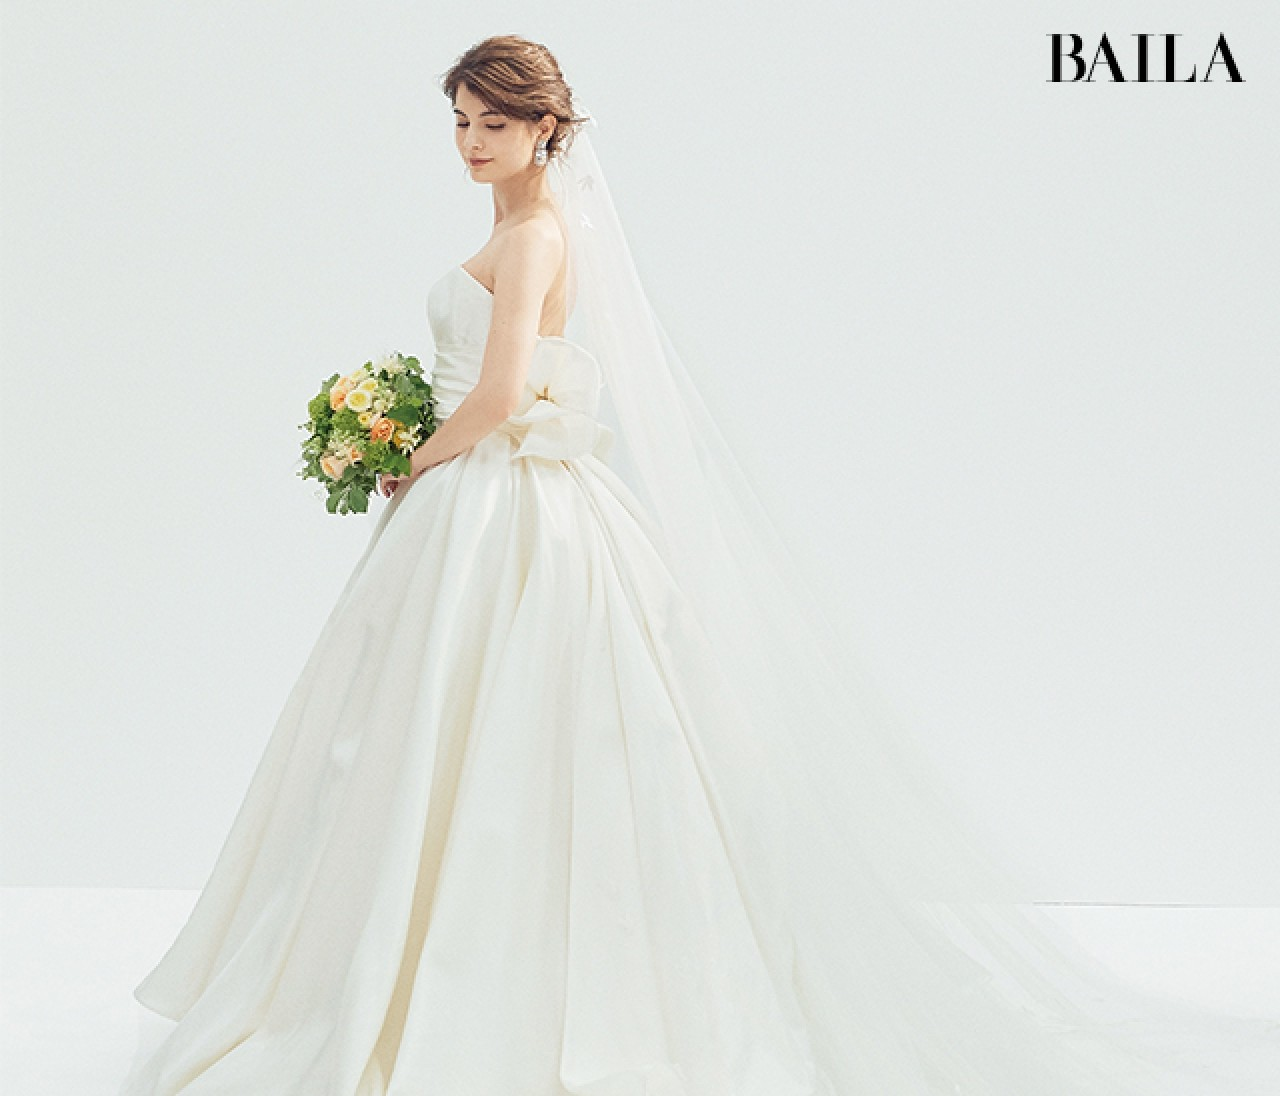 やわらかな【イエロー小物】と白ドレスでポジティブなイメージを!